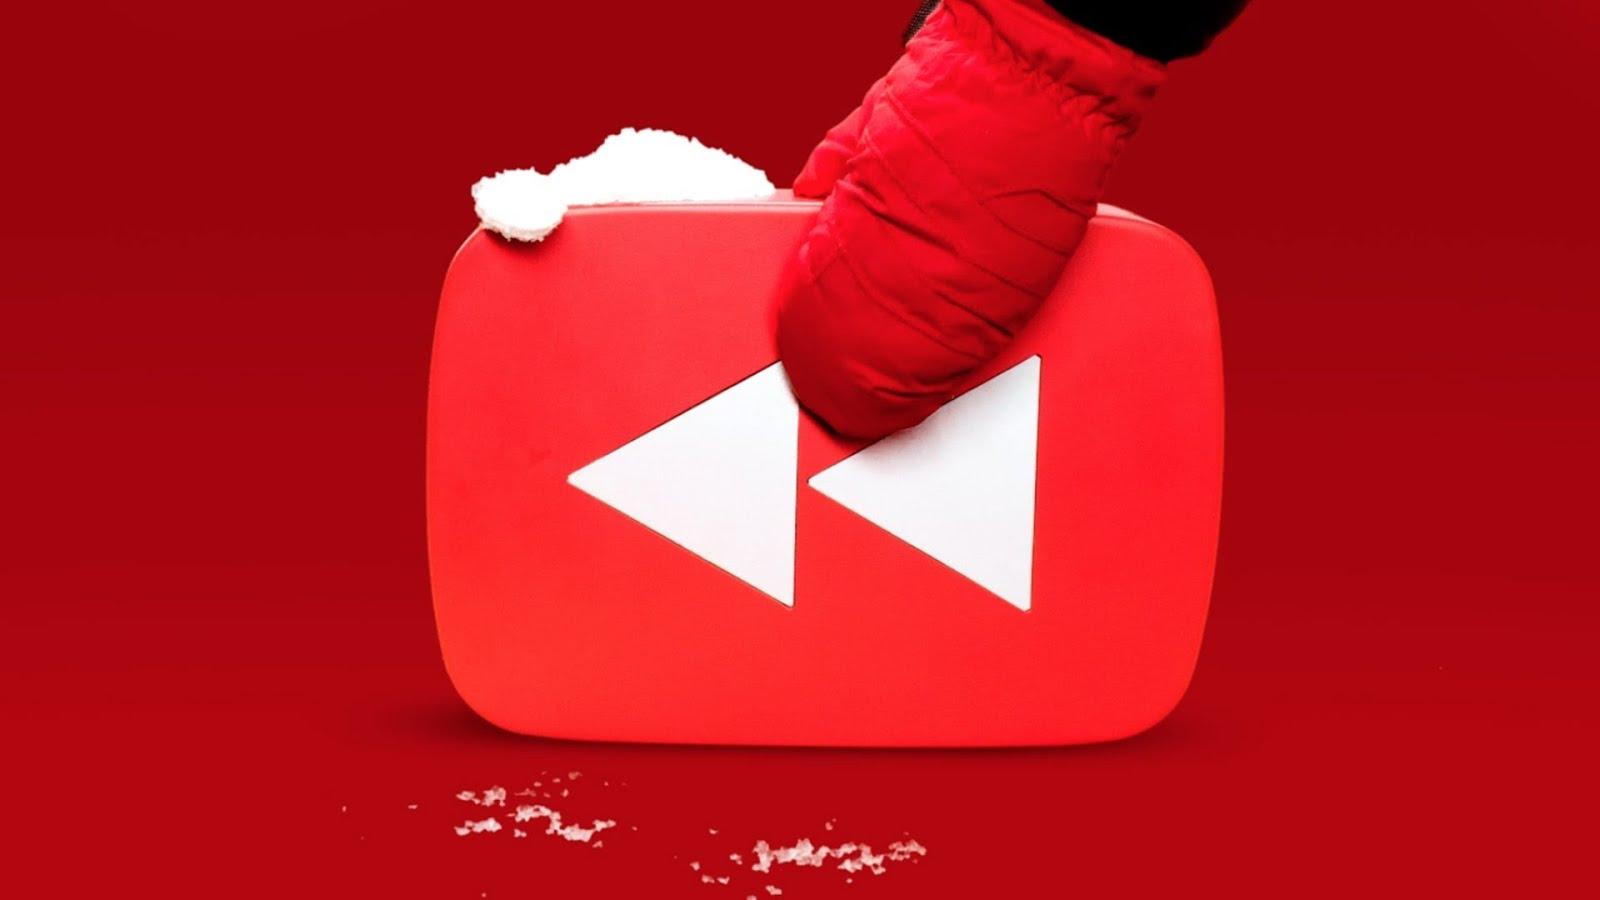 ماهو الحد المسموح للرفع الفيديوهات على اليوتيوب يوميا اوشهريا او سنويا